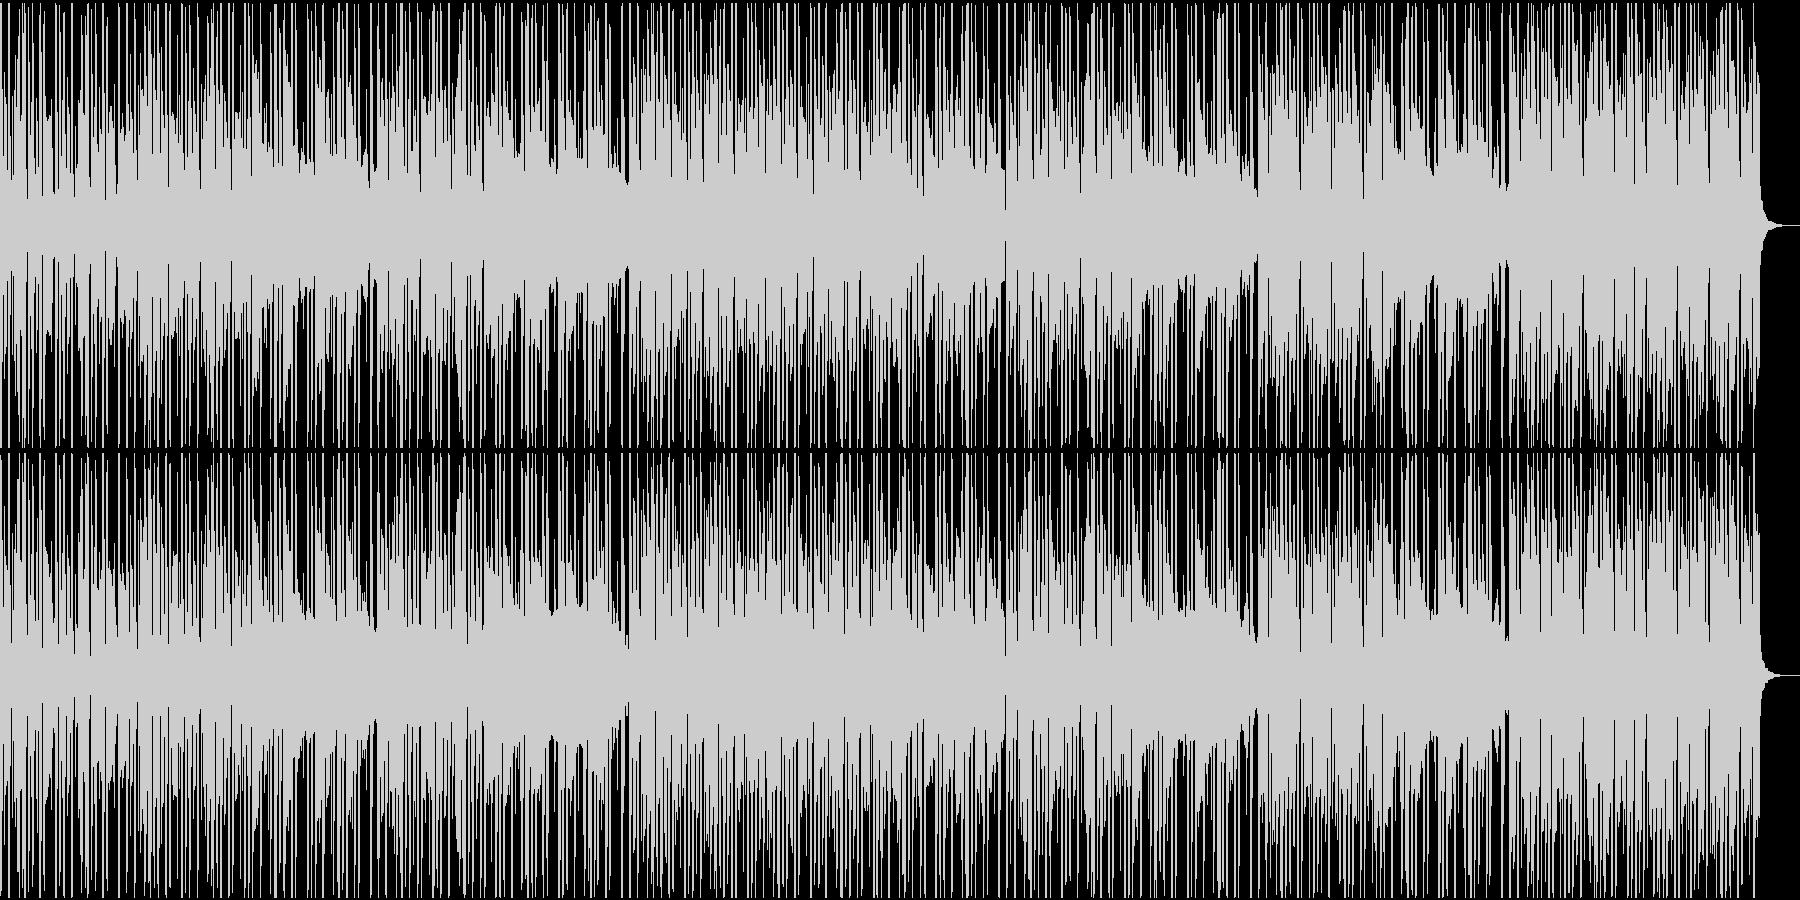 特にローファイ感の強いHiphopの未再生の波形